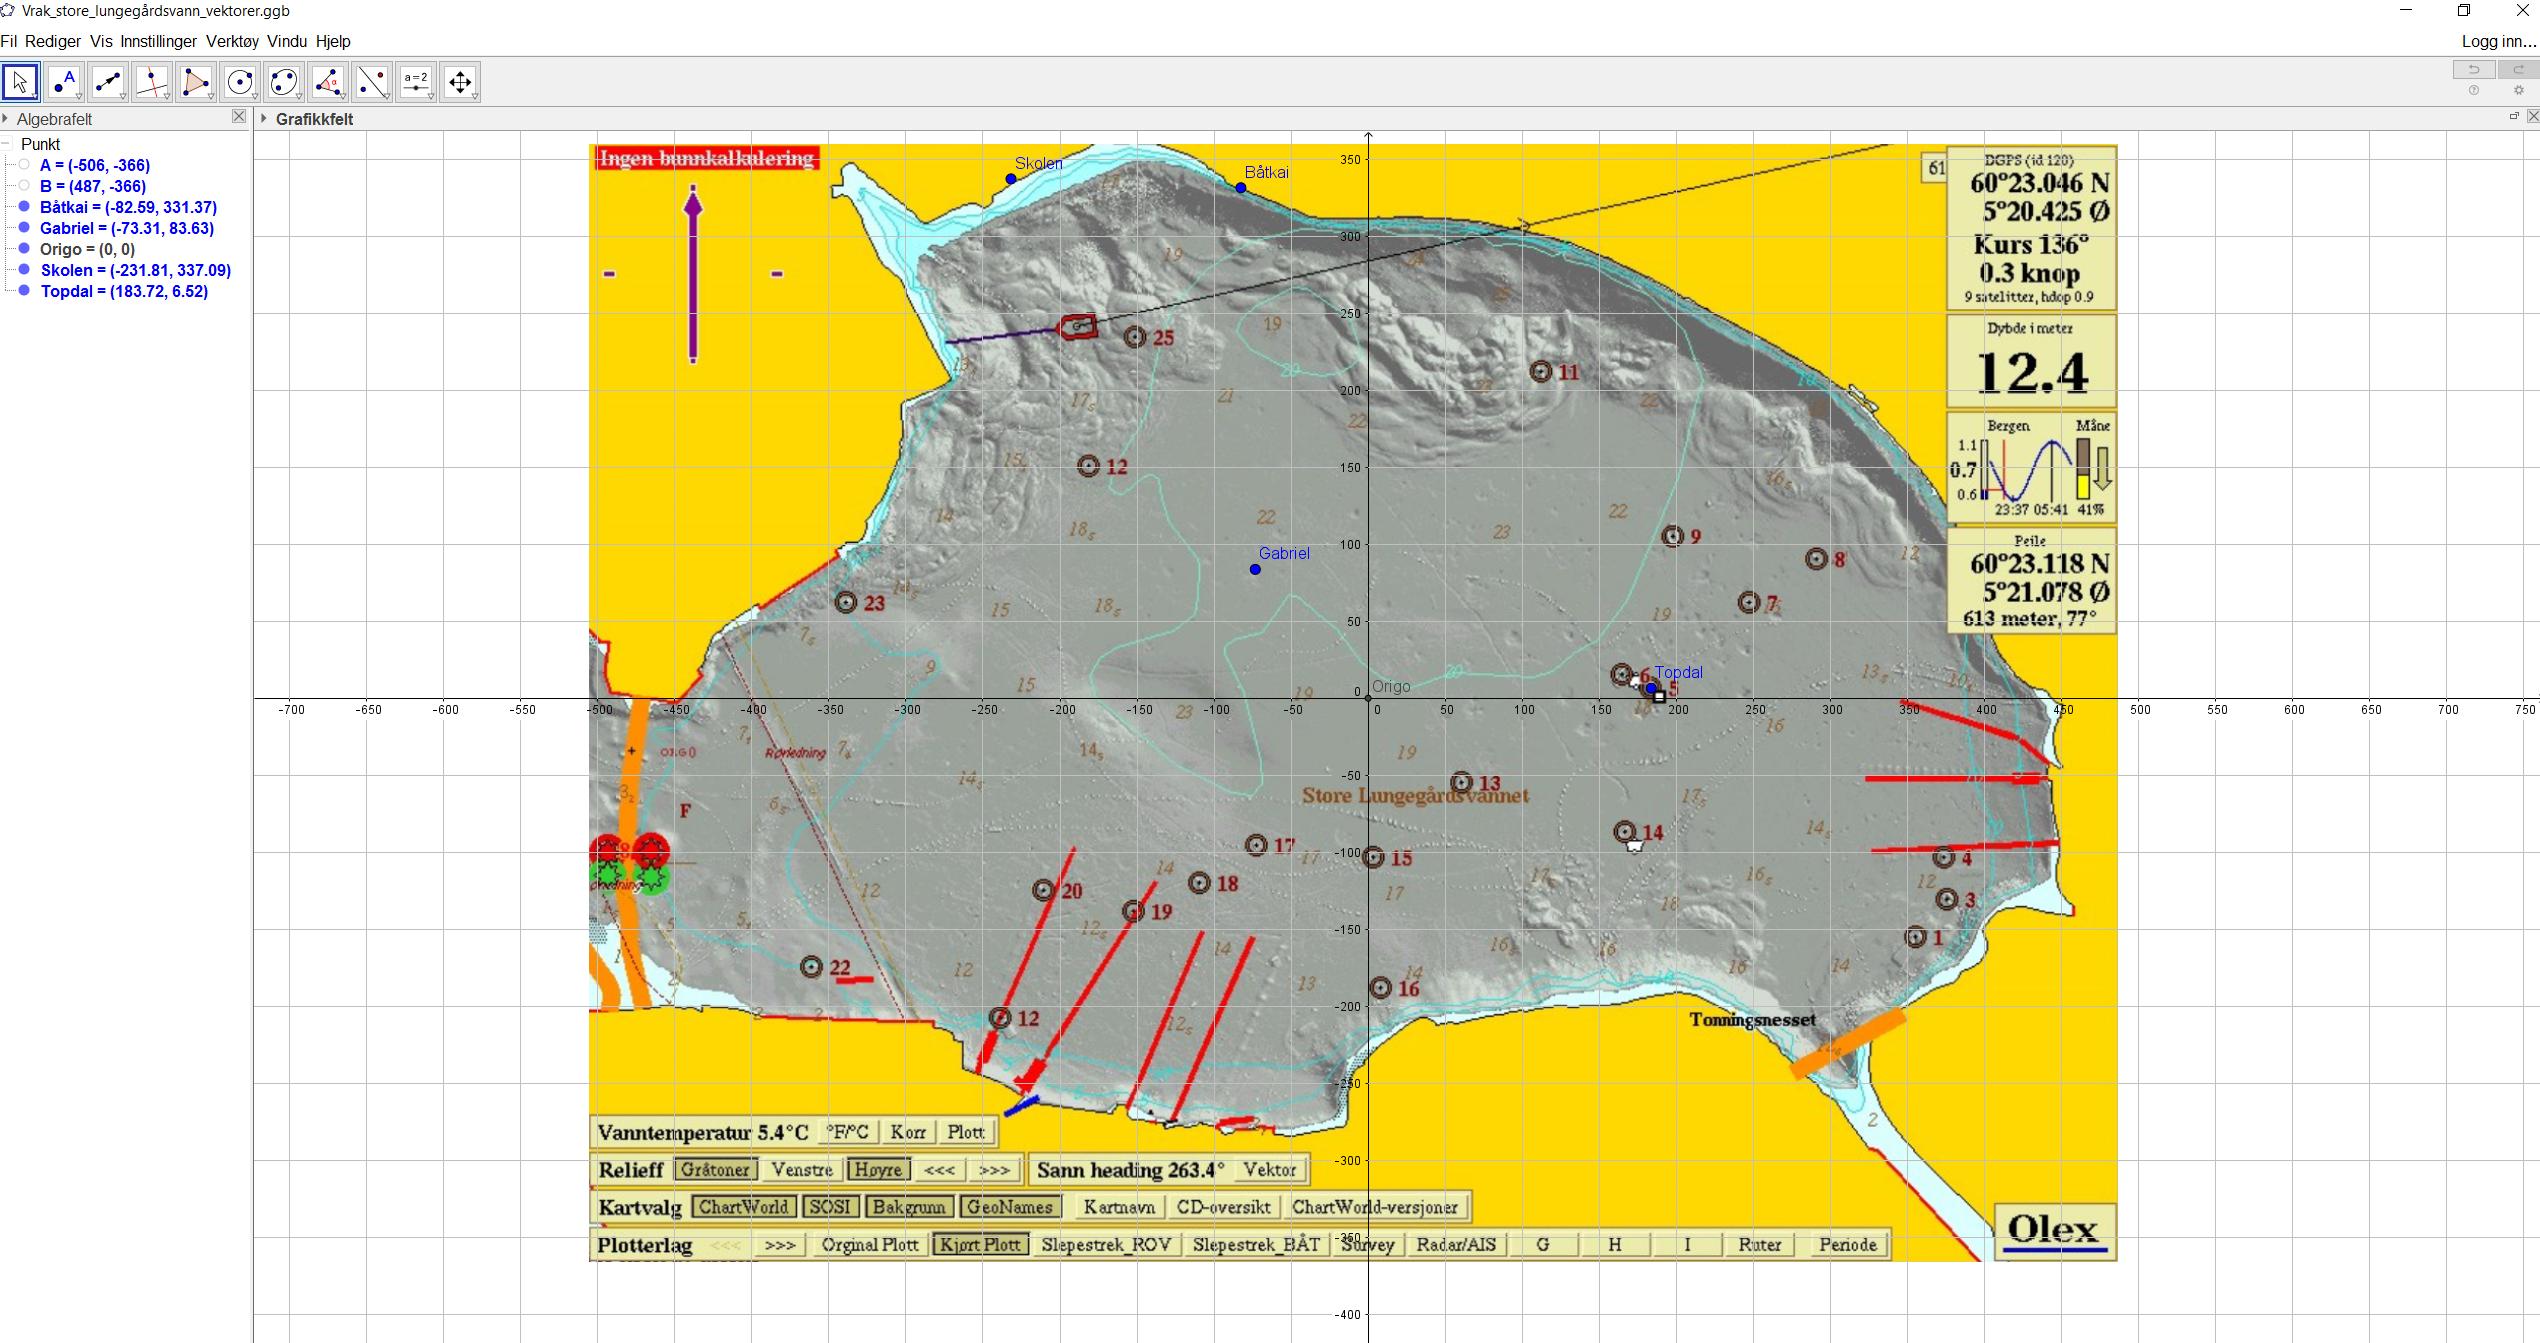 Skjermbilde av kart i Geogebra med de ulike vrakene markert.